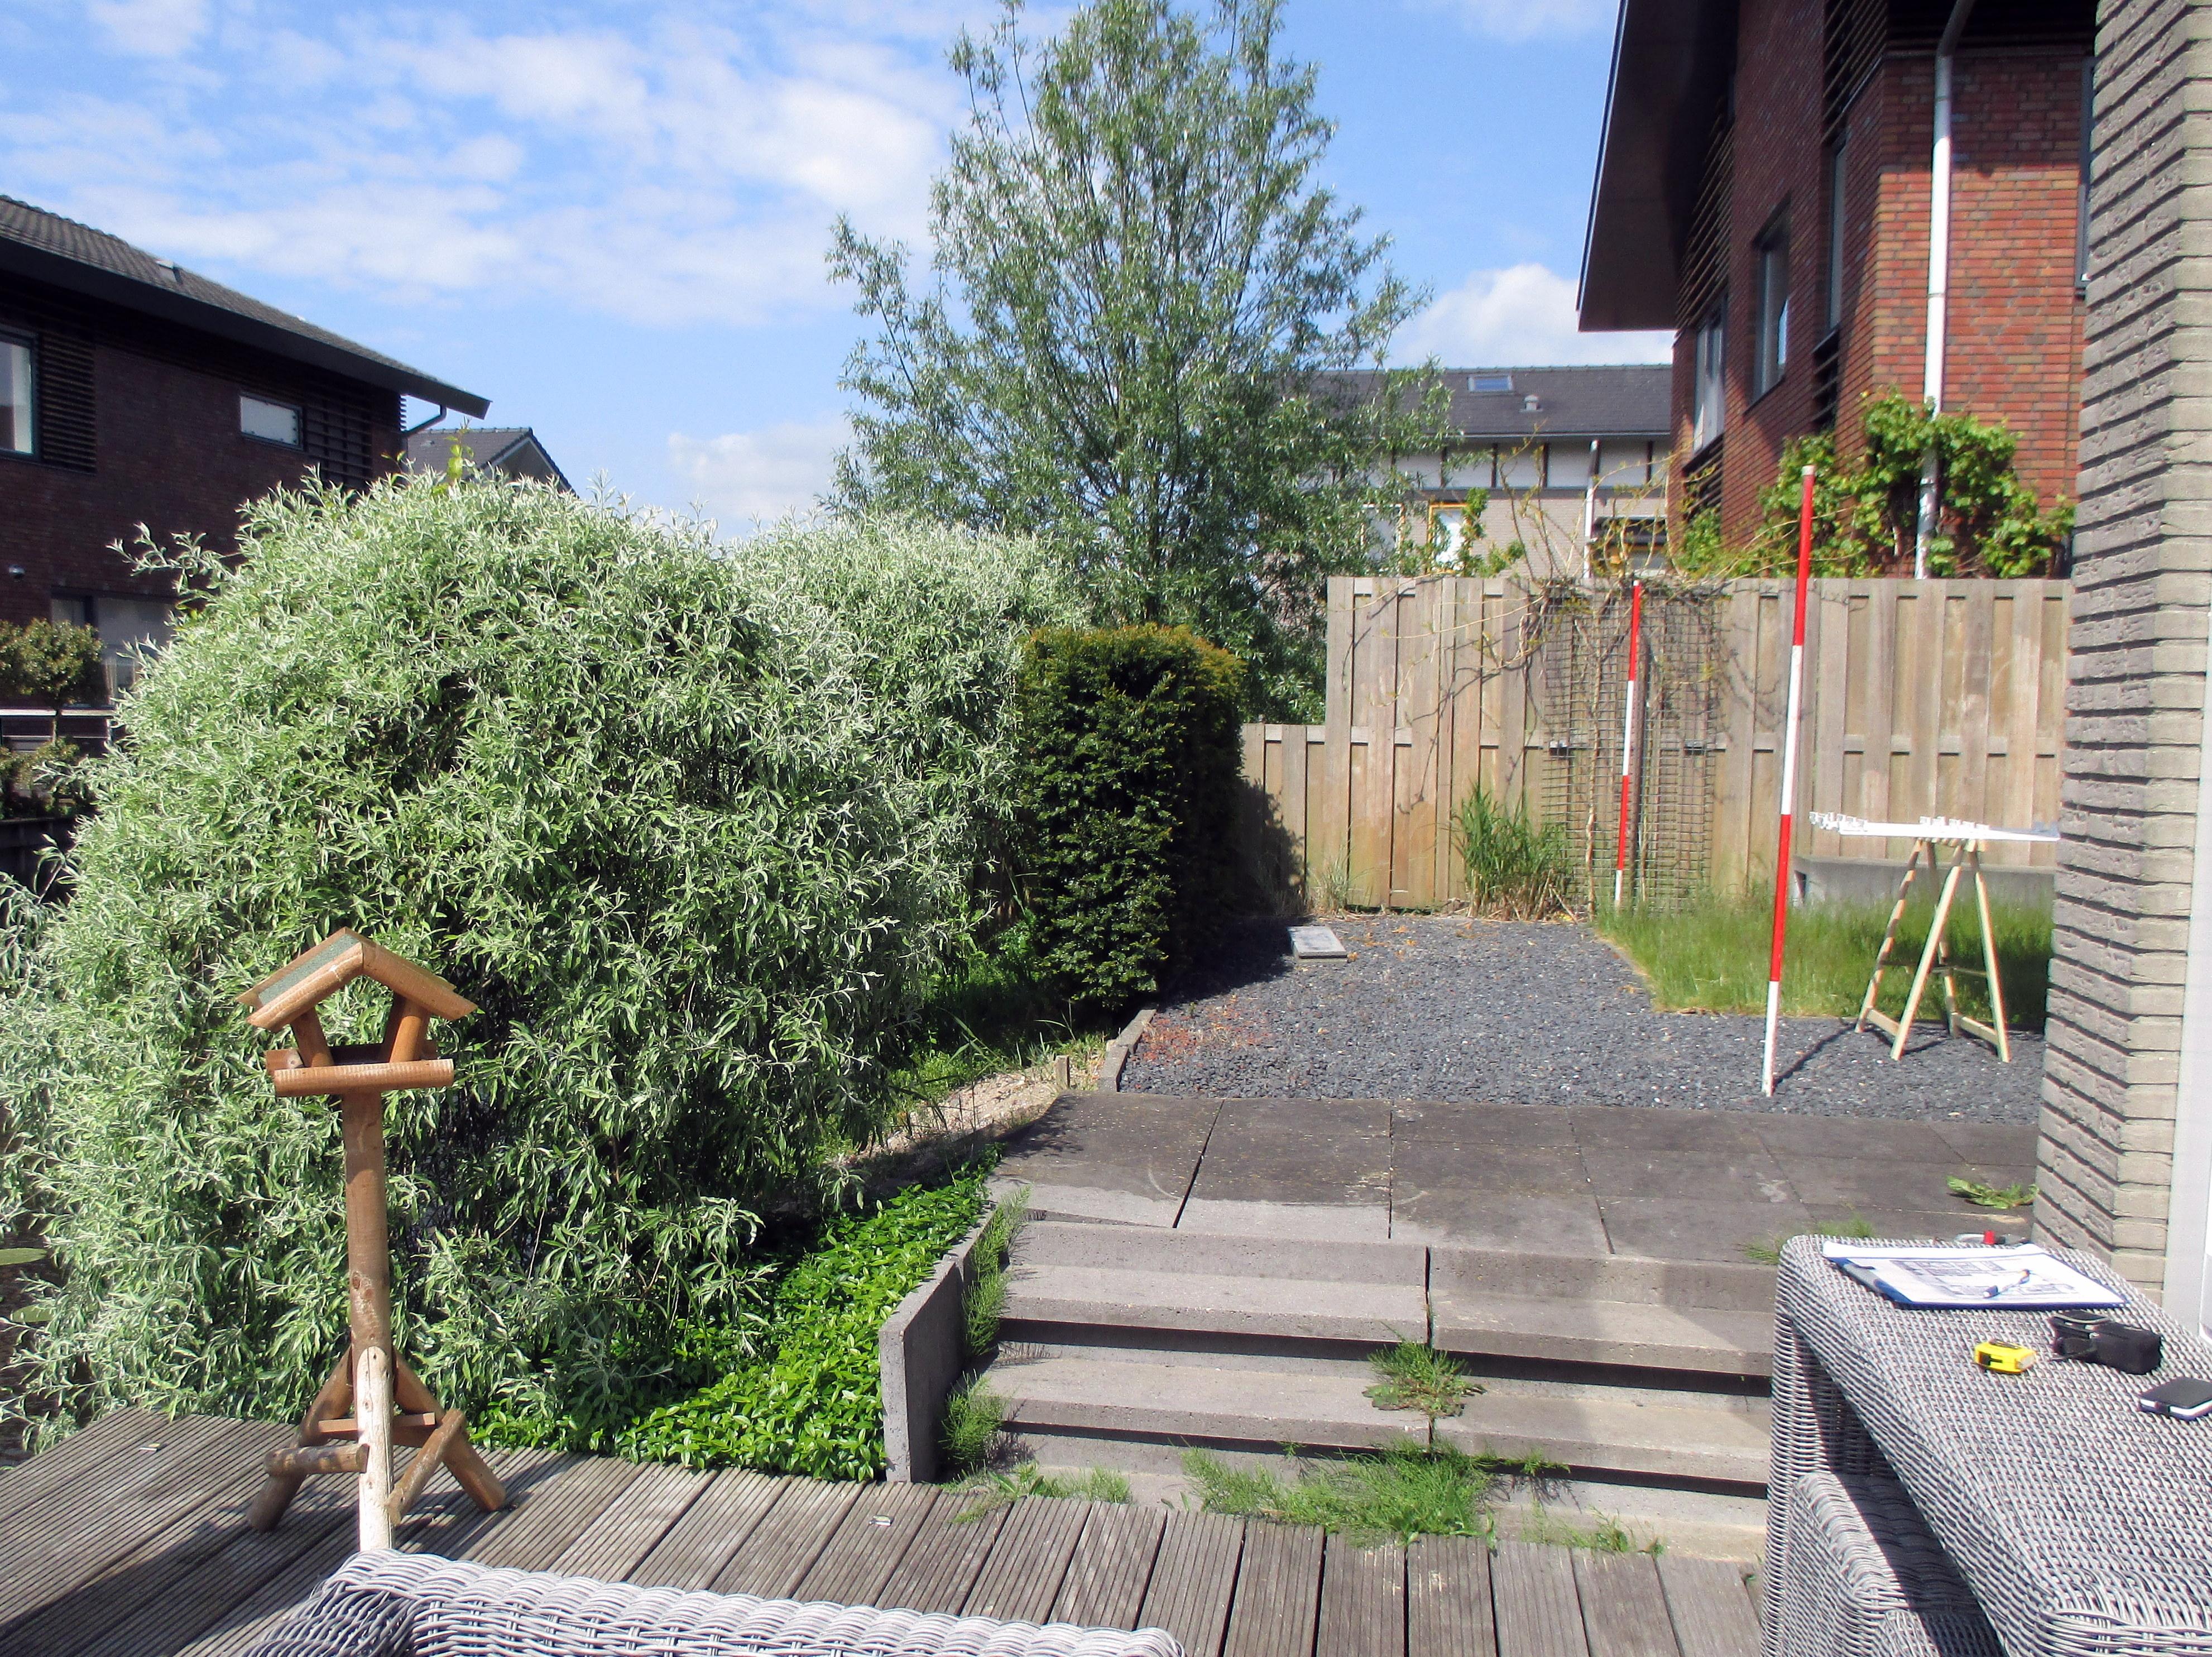 Afbeeldingsresultaat voor u element tuin tuin tuin projecten en